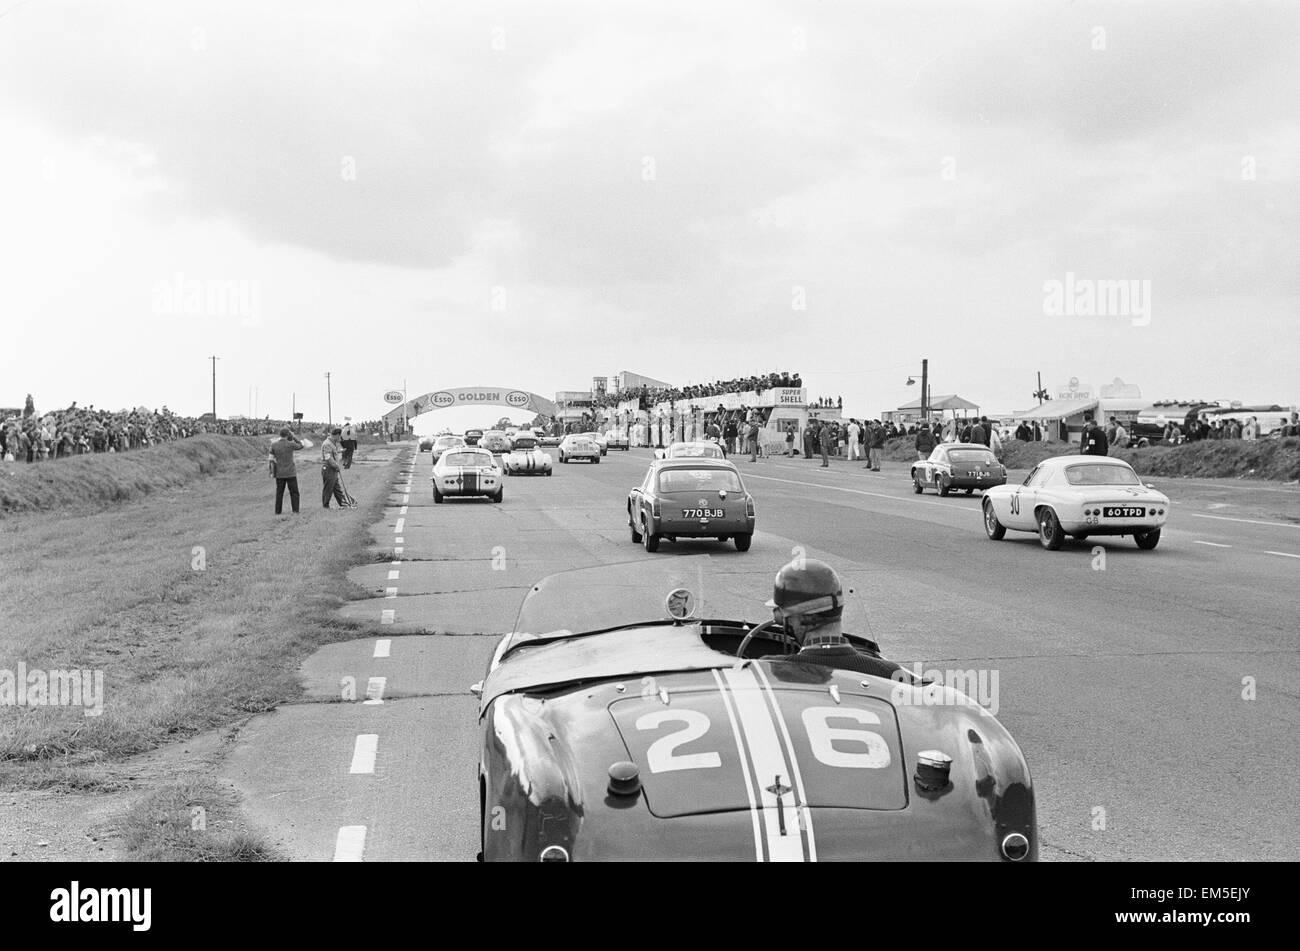 Der Start des drei-Stunden-Langstreckenrennen Autosport in Snetterton. 29. September 1962 Stockbild